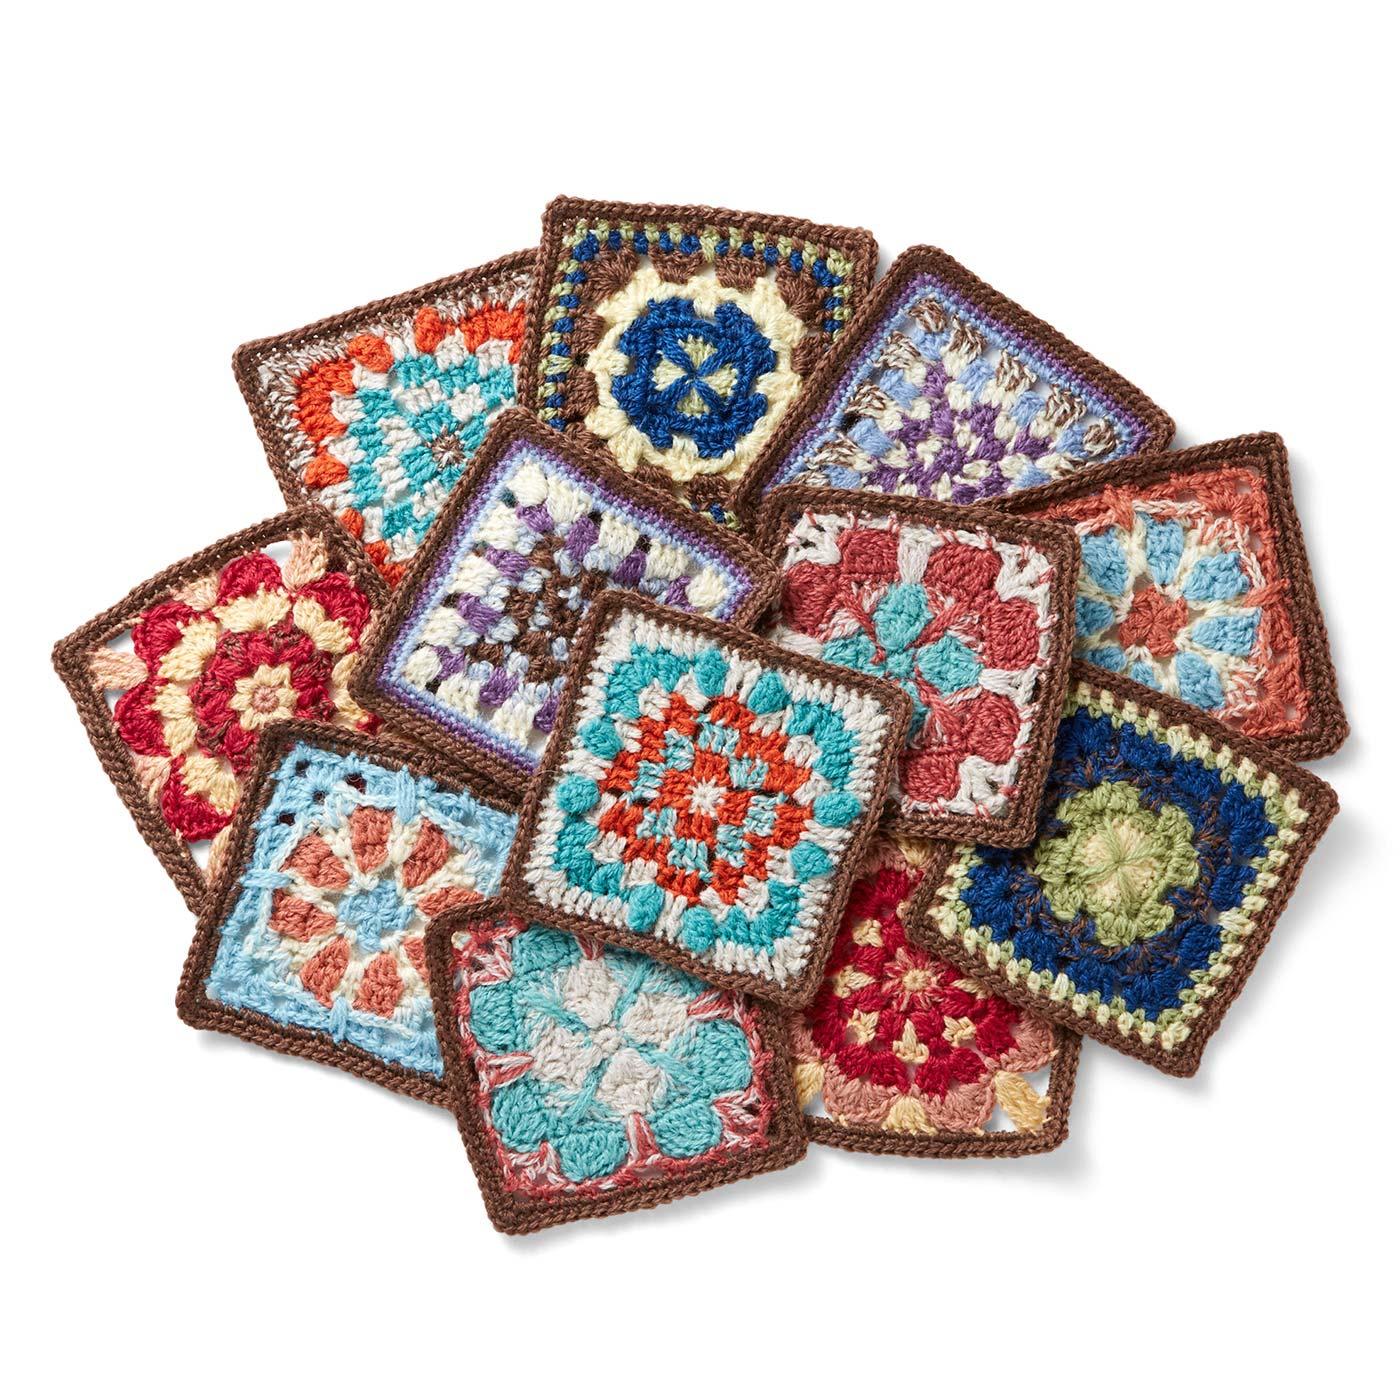 工夫された編み地は毎回編みごたえたっぷり。